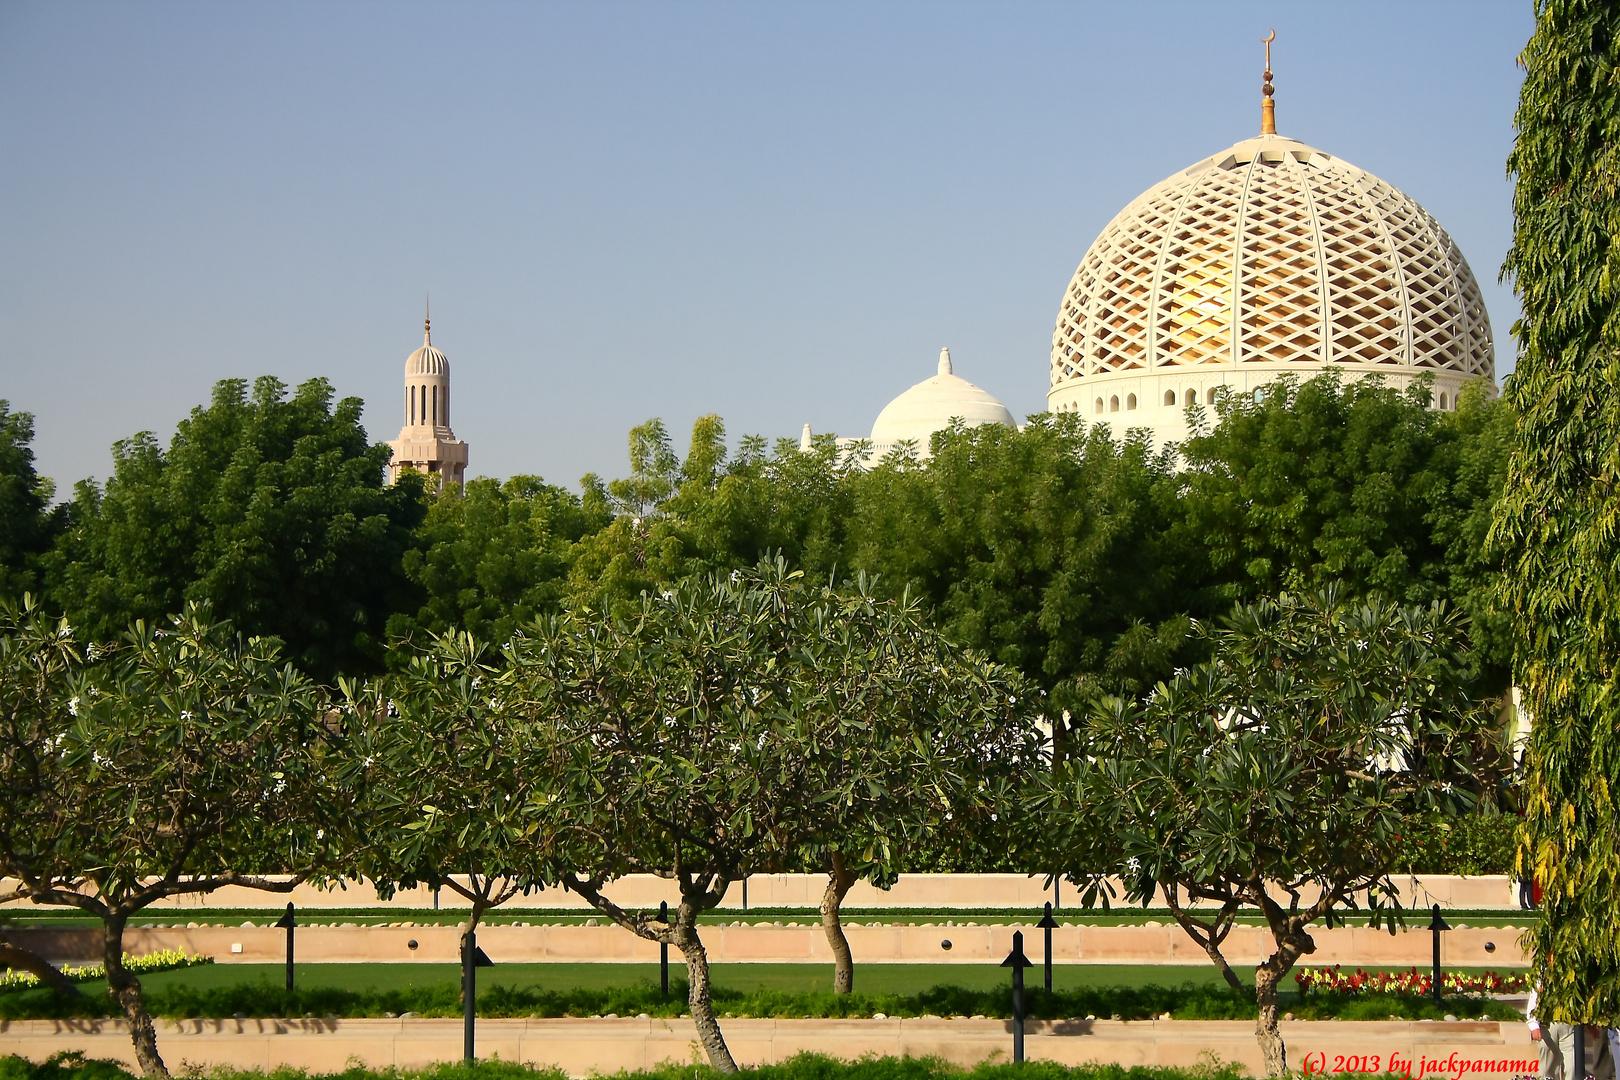 Besichtigung der Sultan-Qaboos-Moschee in Muscat (Sultanat Oman) (13)